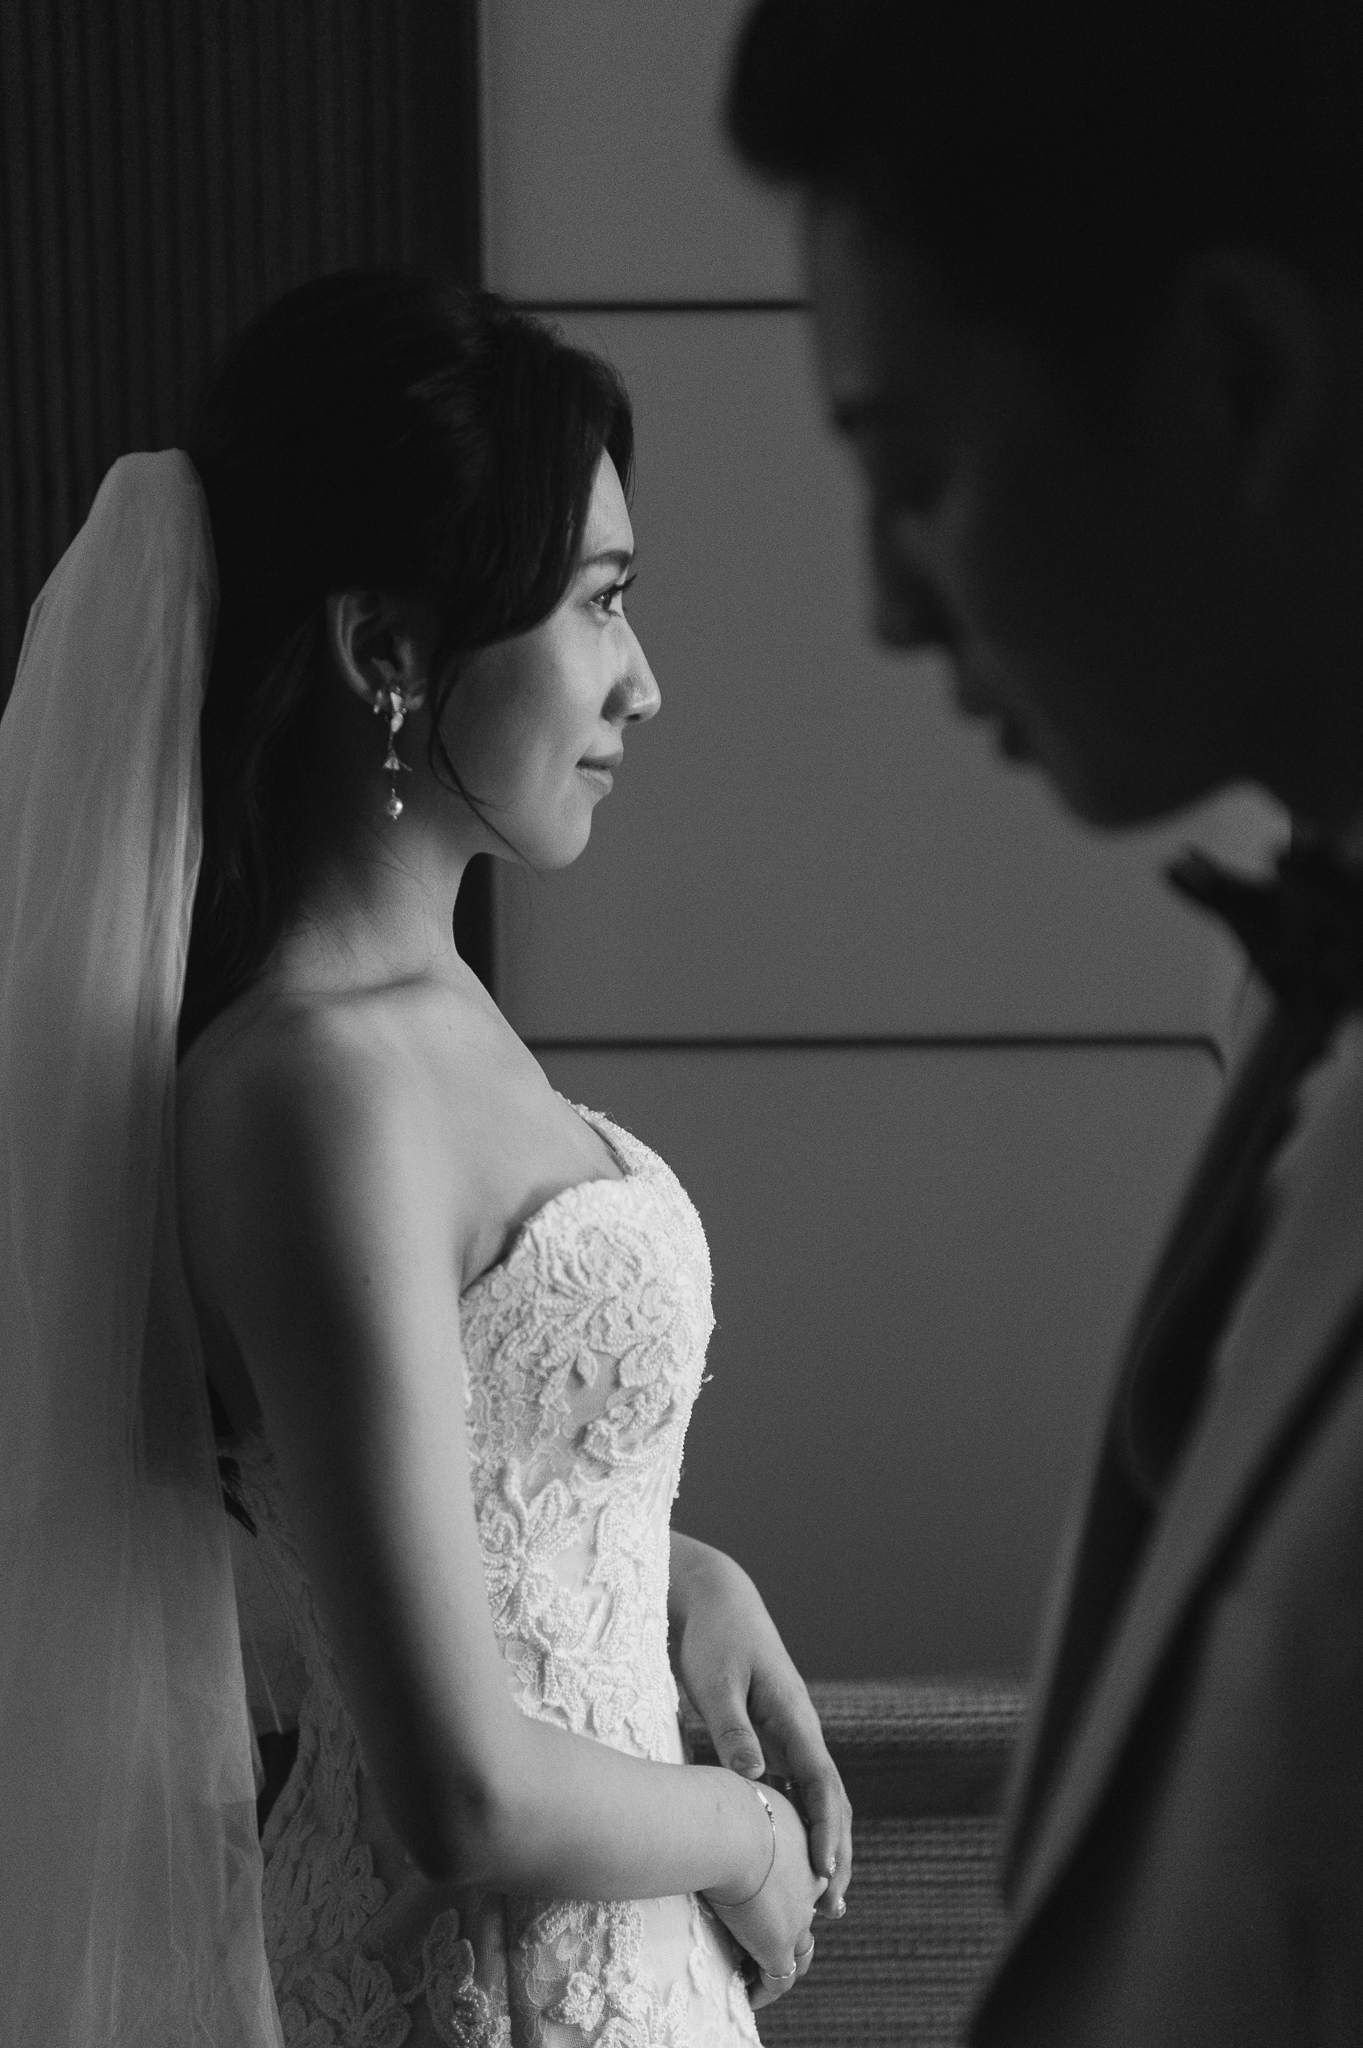 婚禮紀錄 婚攝小亮 推薦婚攝 台北婚攝 ptt推薦 晶華酒店 晶華婚攝 EASTERN WEDDING